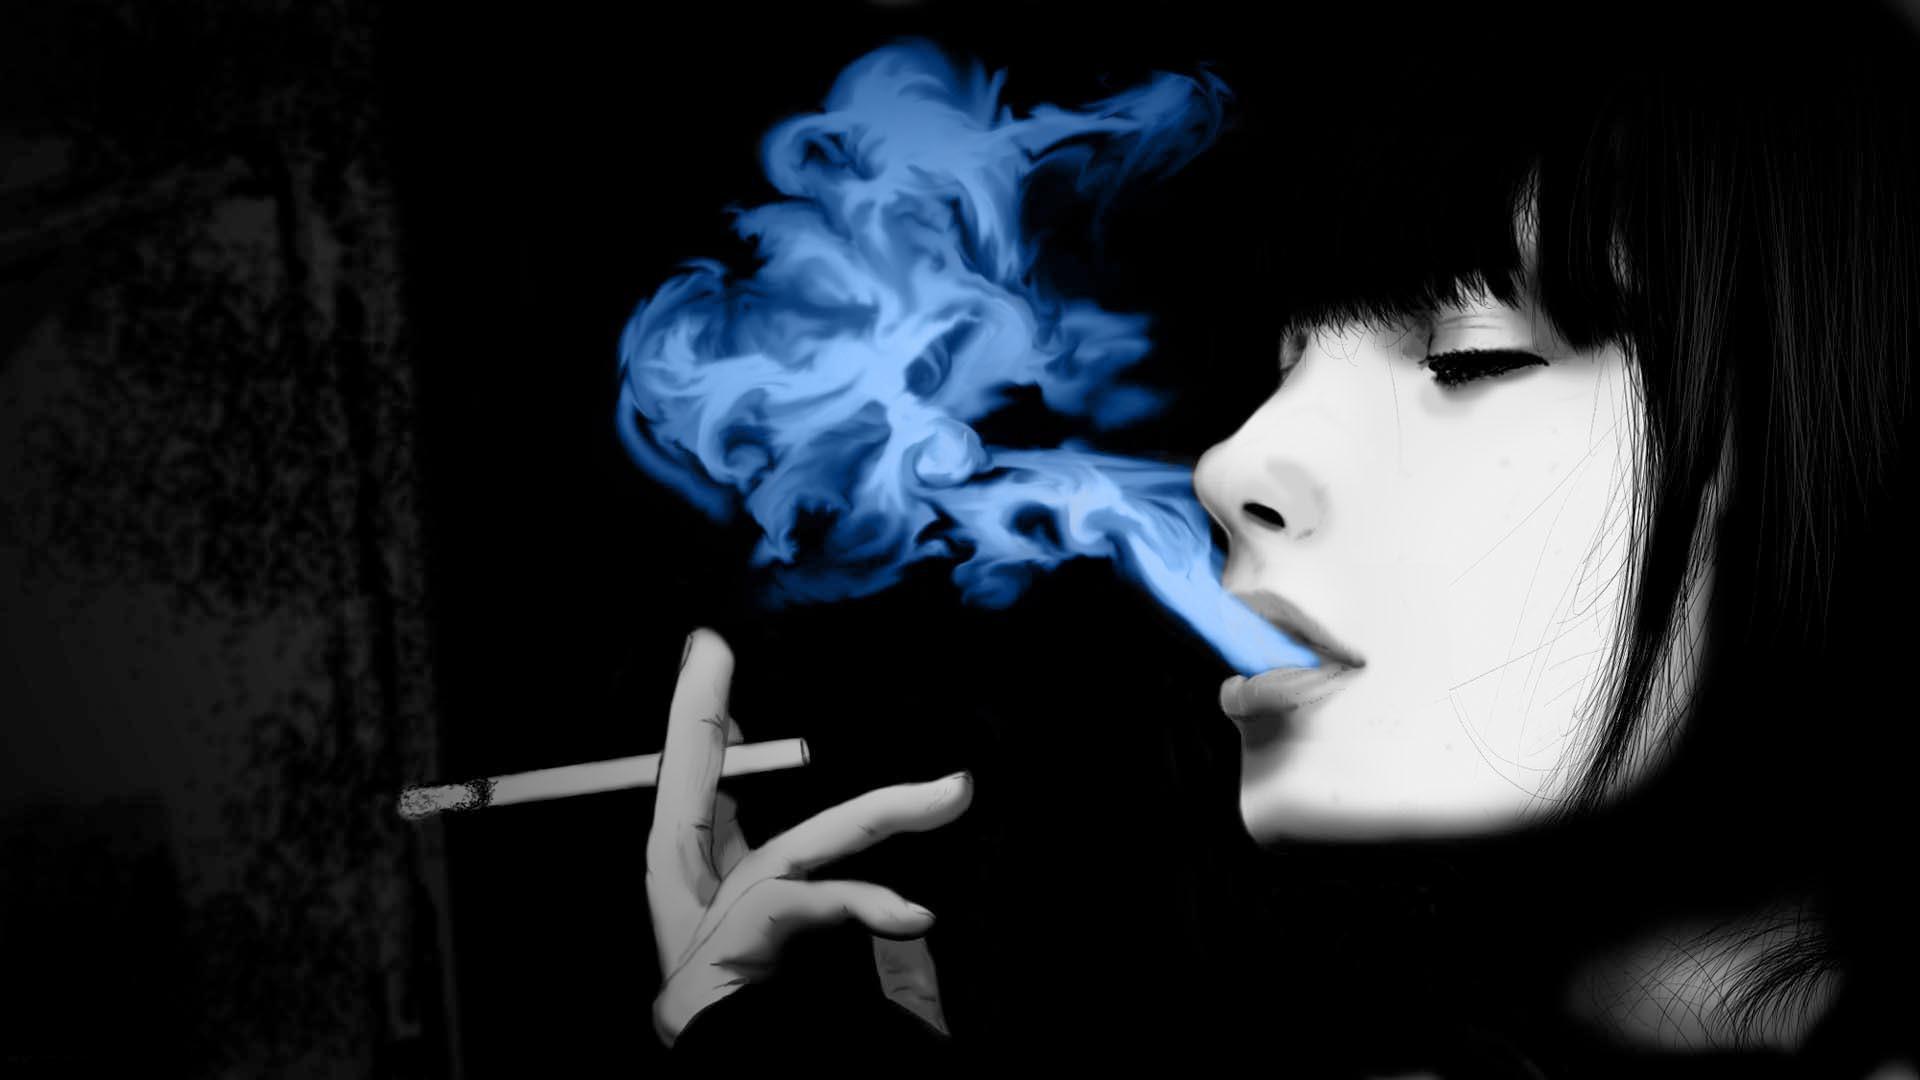 Smoke High Quality Wallpapers